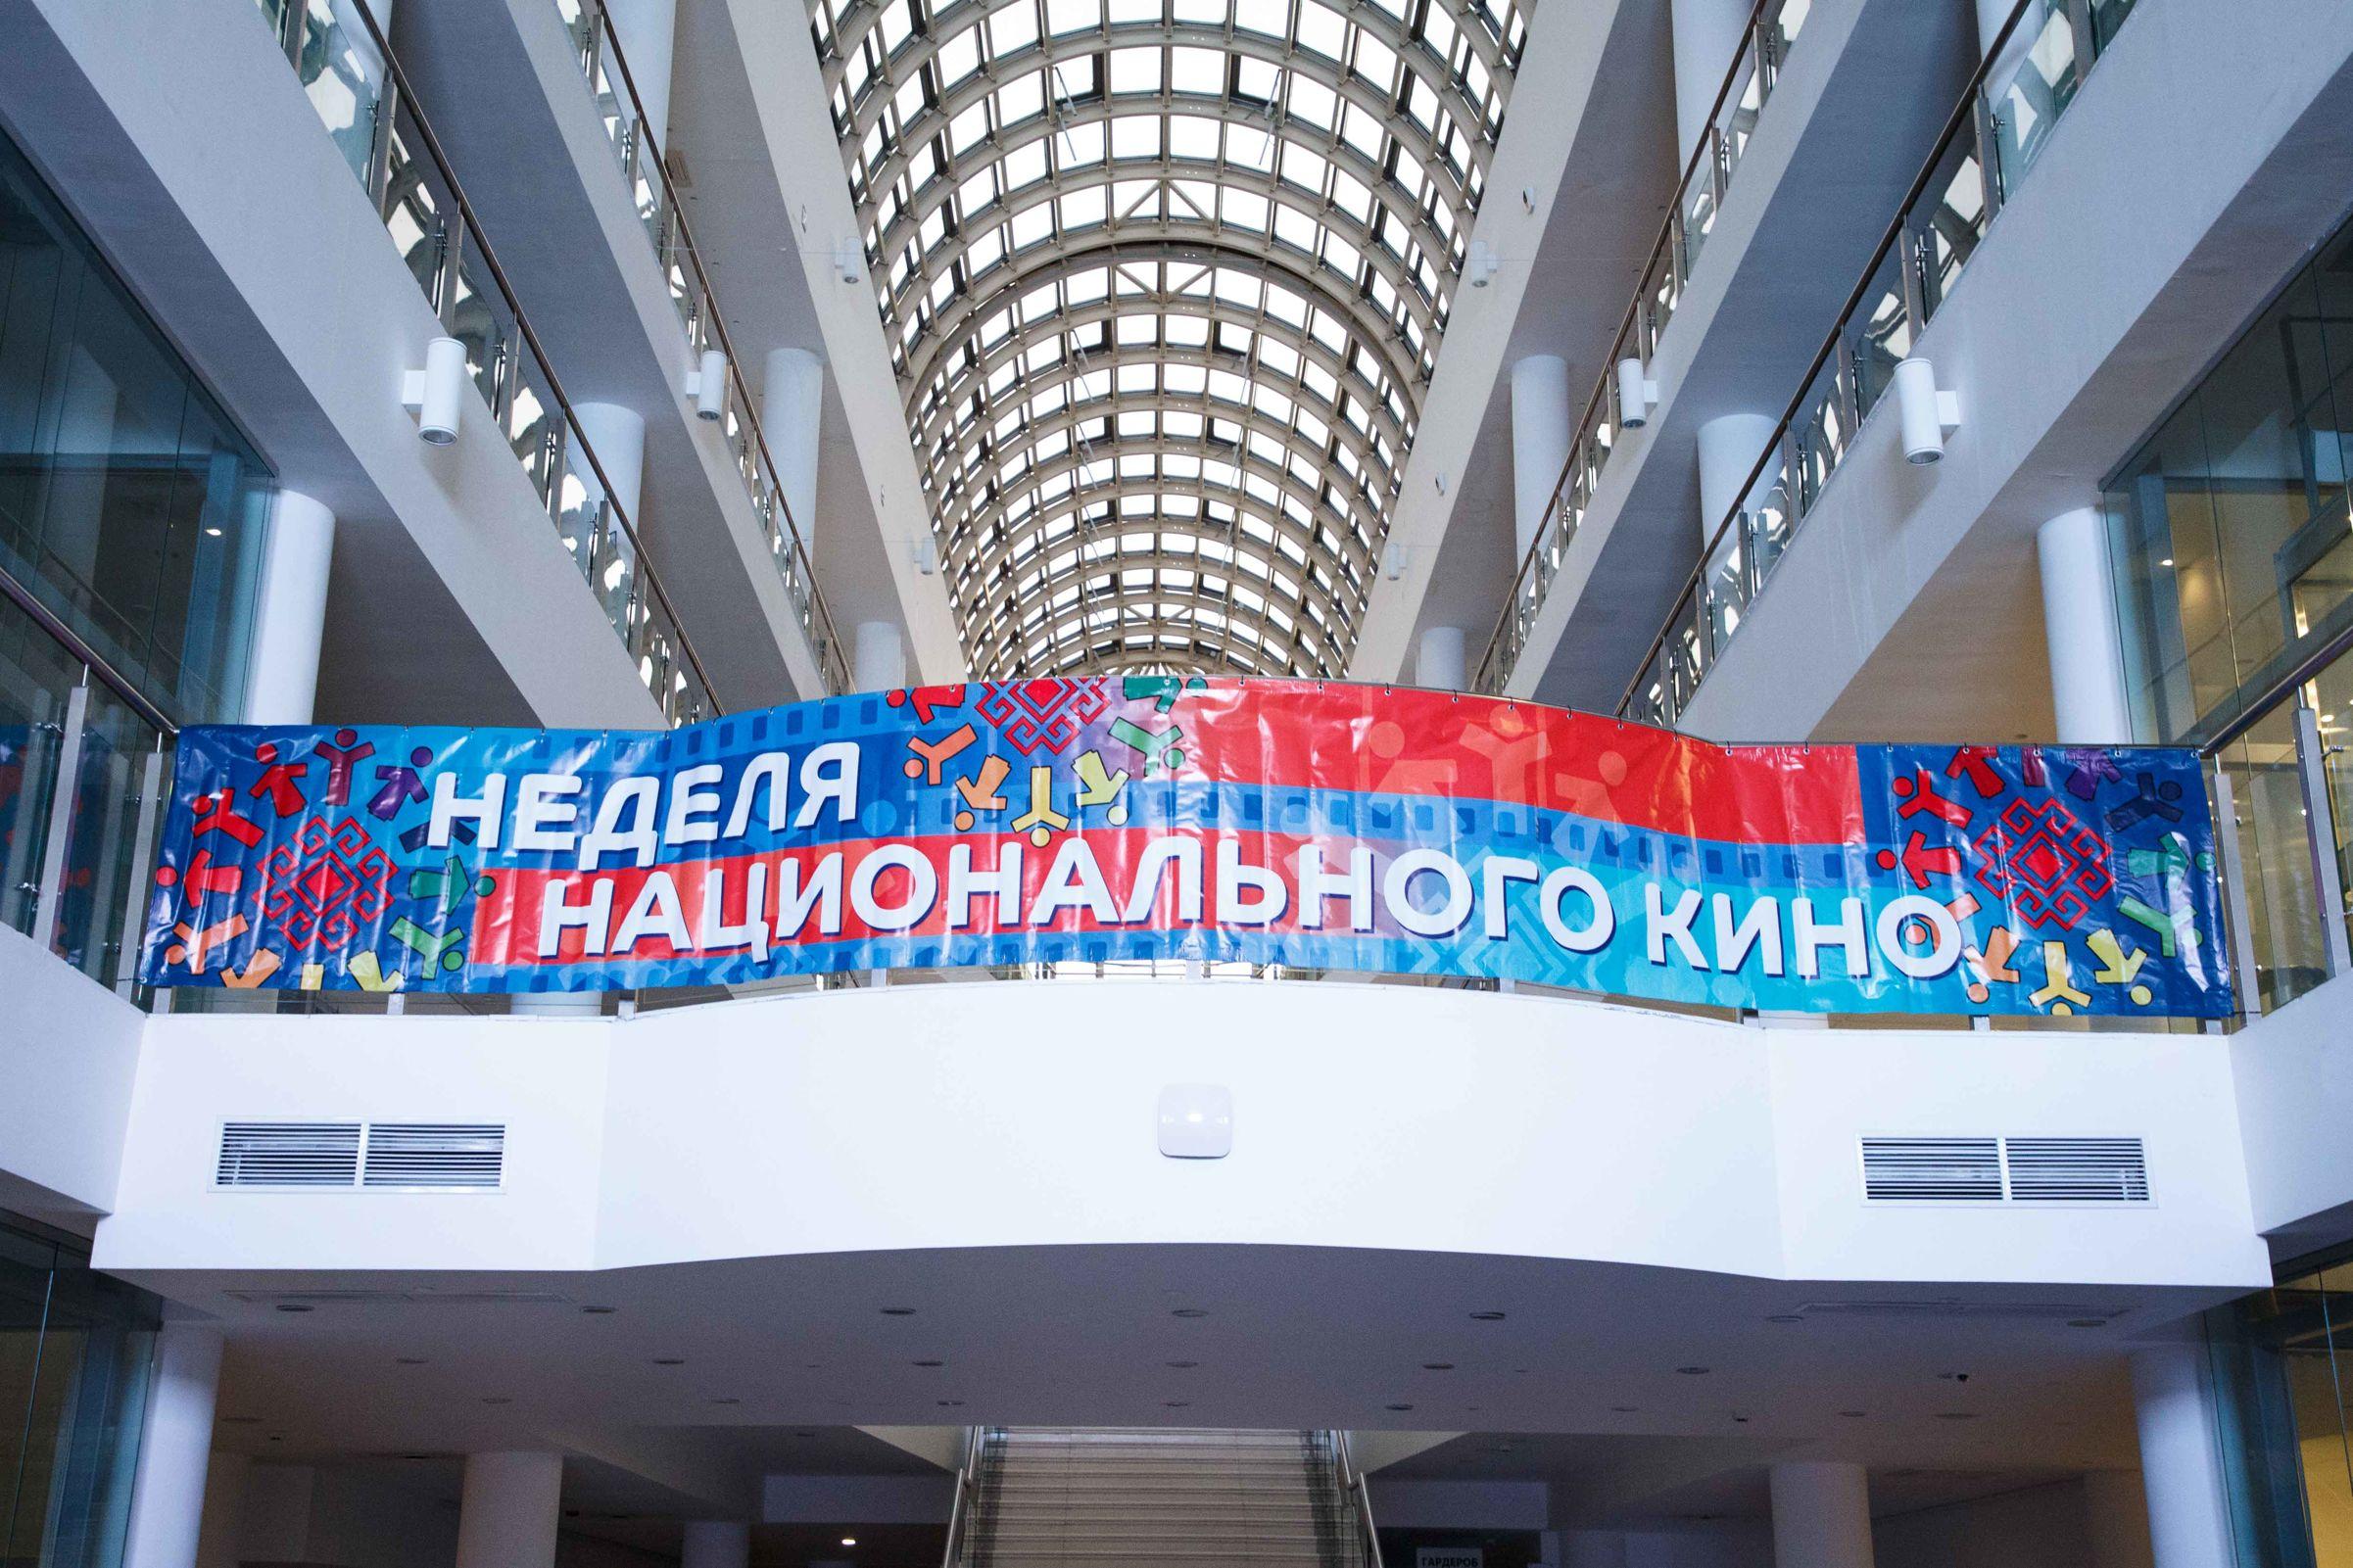 В концертно-зрелищном центре Ярославля проходят показы национального кино